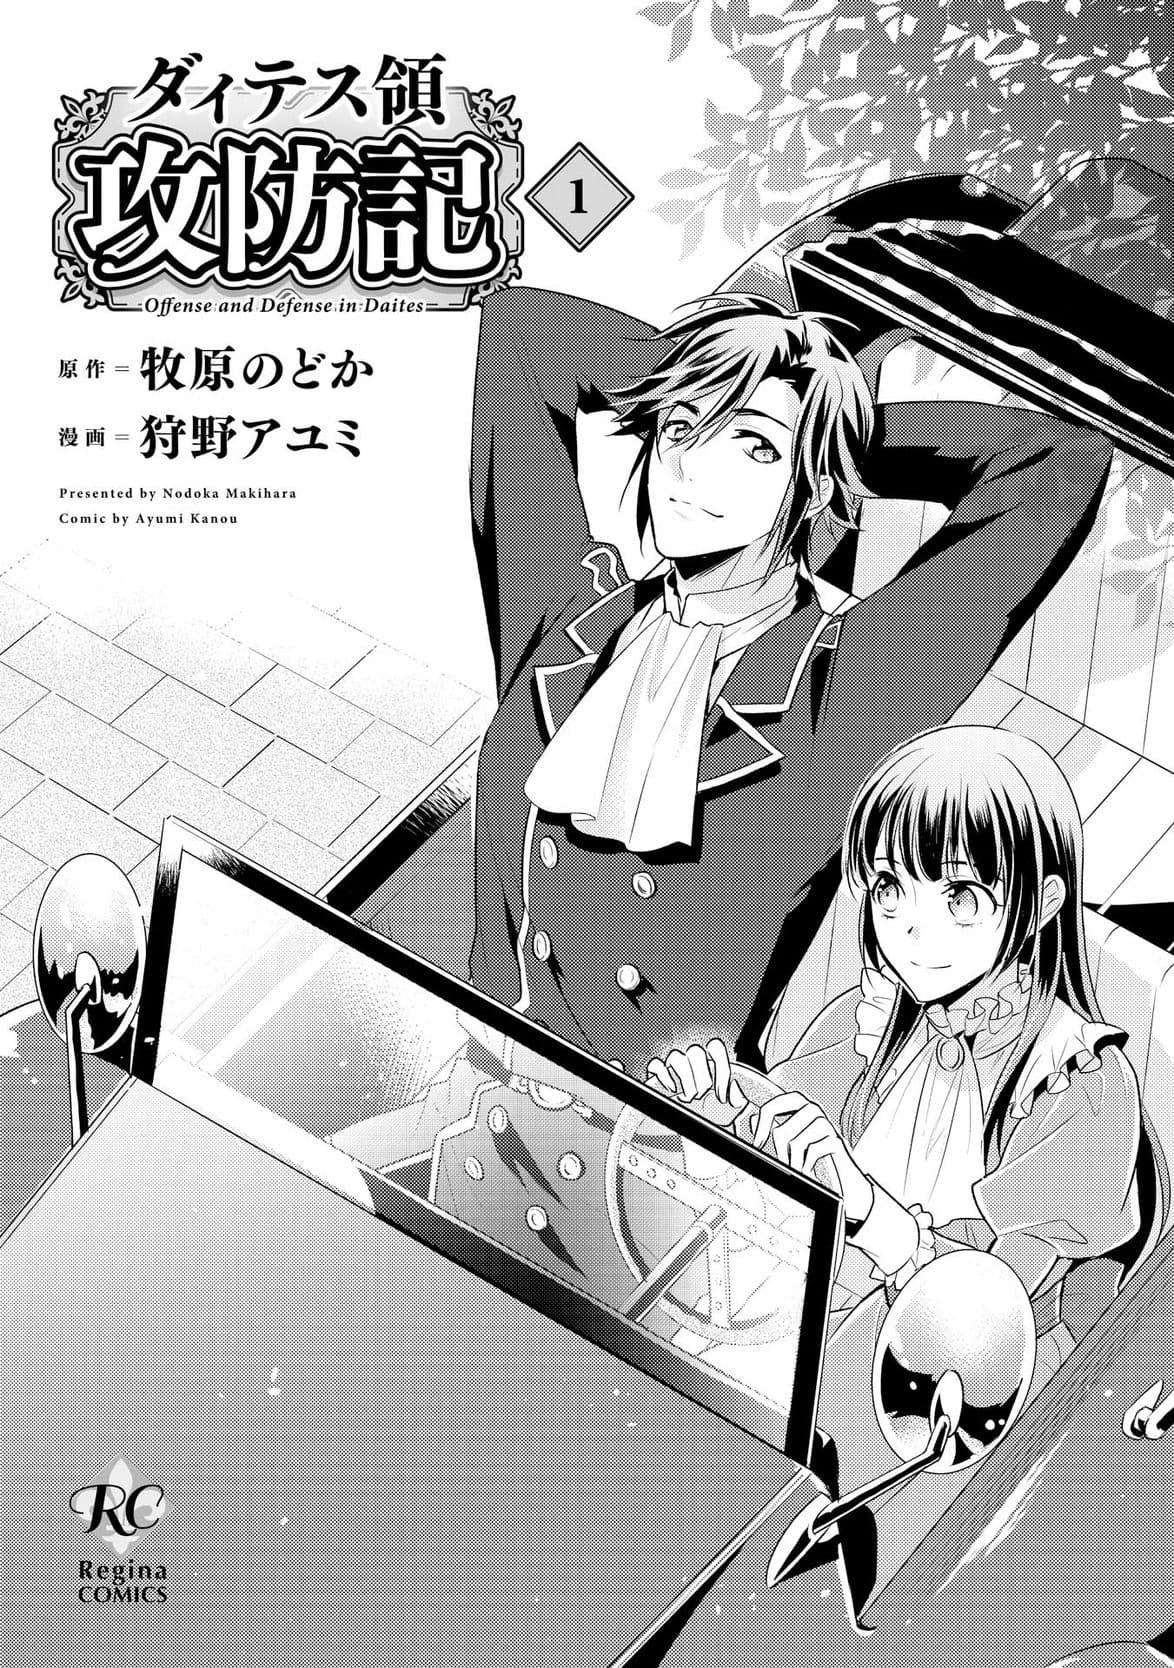 อ่านการ์ตูน Daites Ryou Koubouki ตอนที่ 1 หน้าที่ 2